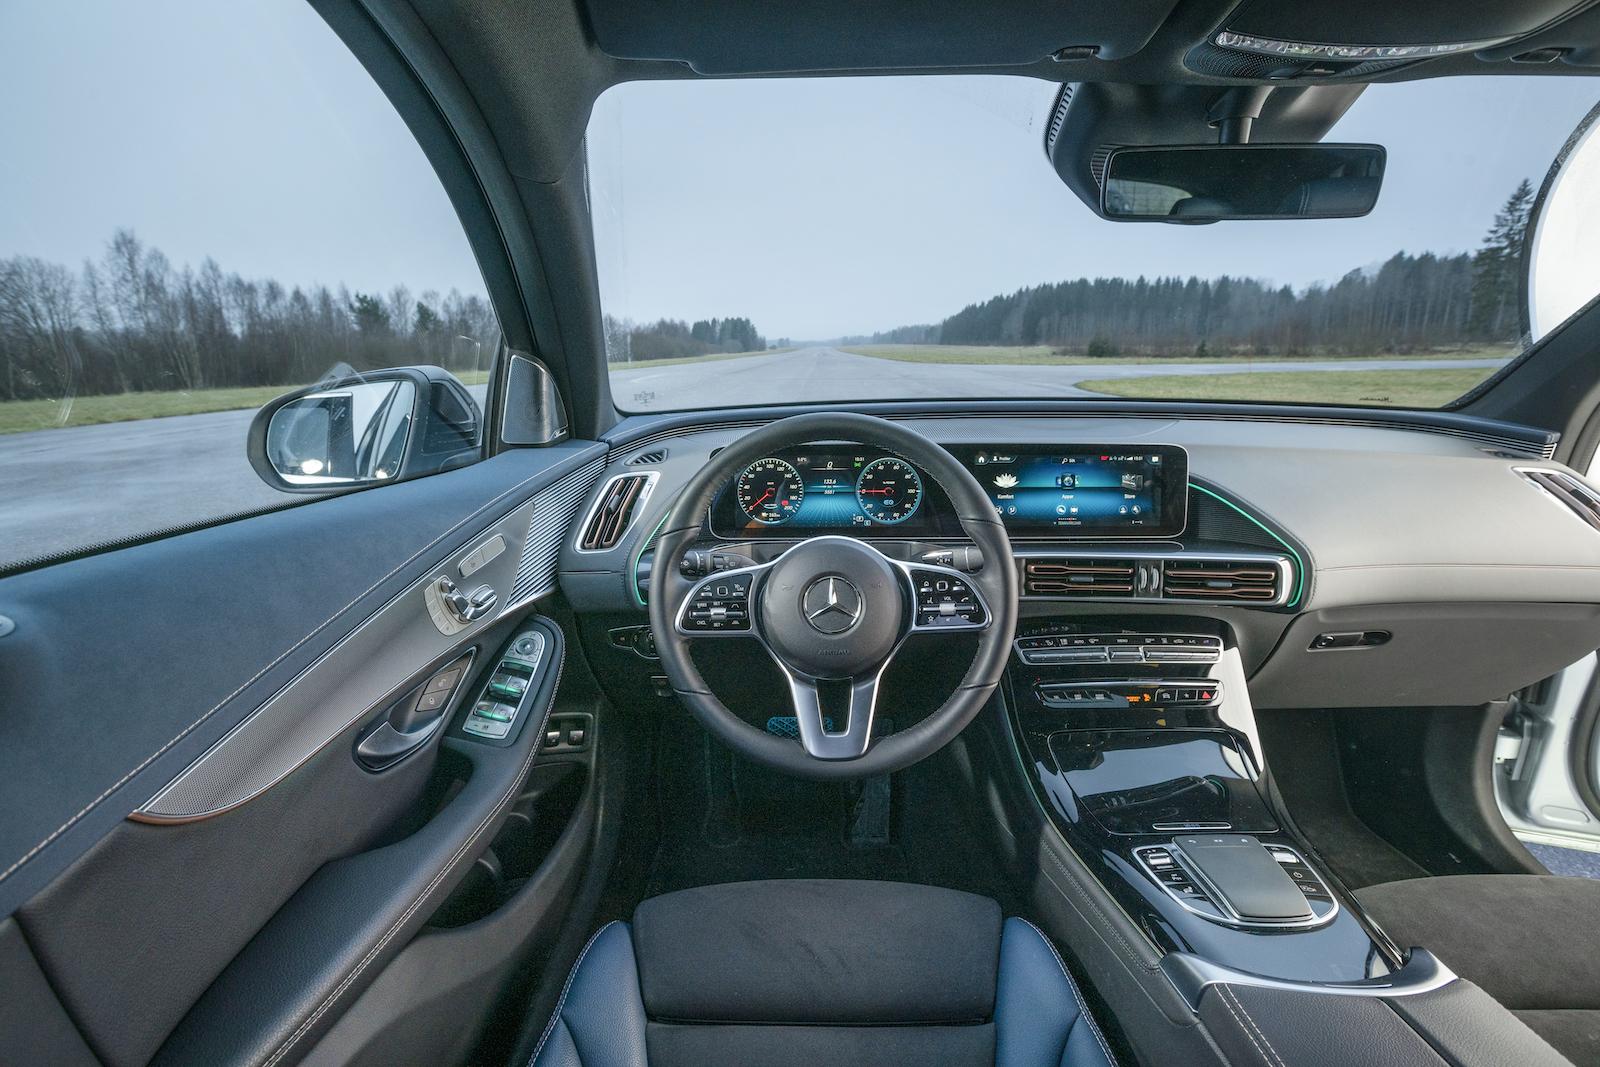 Mercedes: Sober förarmiljö, men kvalitetskänslan övertygar inte. Det knarrar om dörrsidan och mittkonsolens lucka känns påtagligt billig.